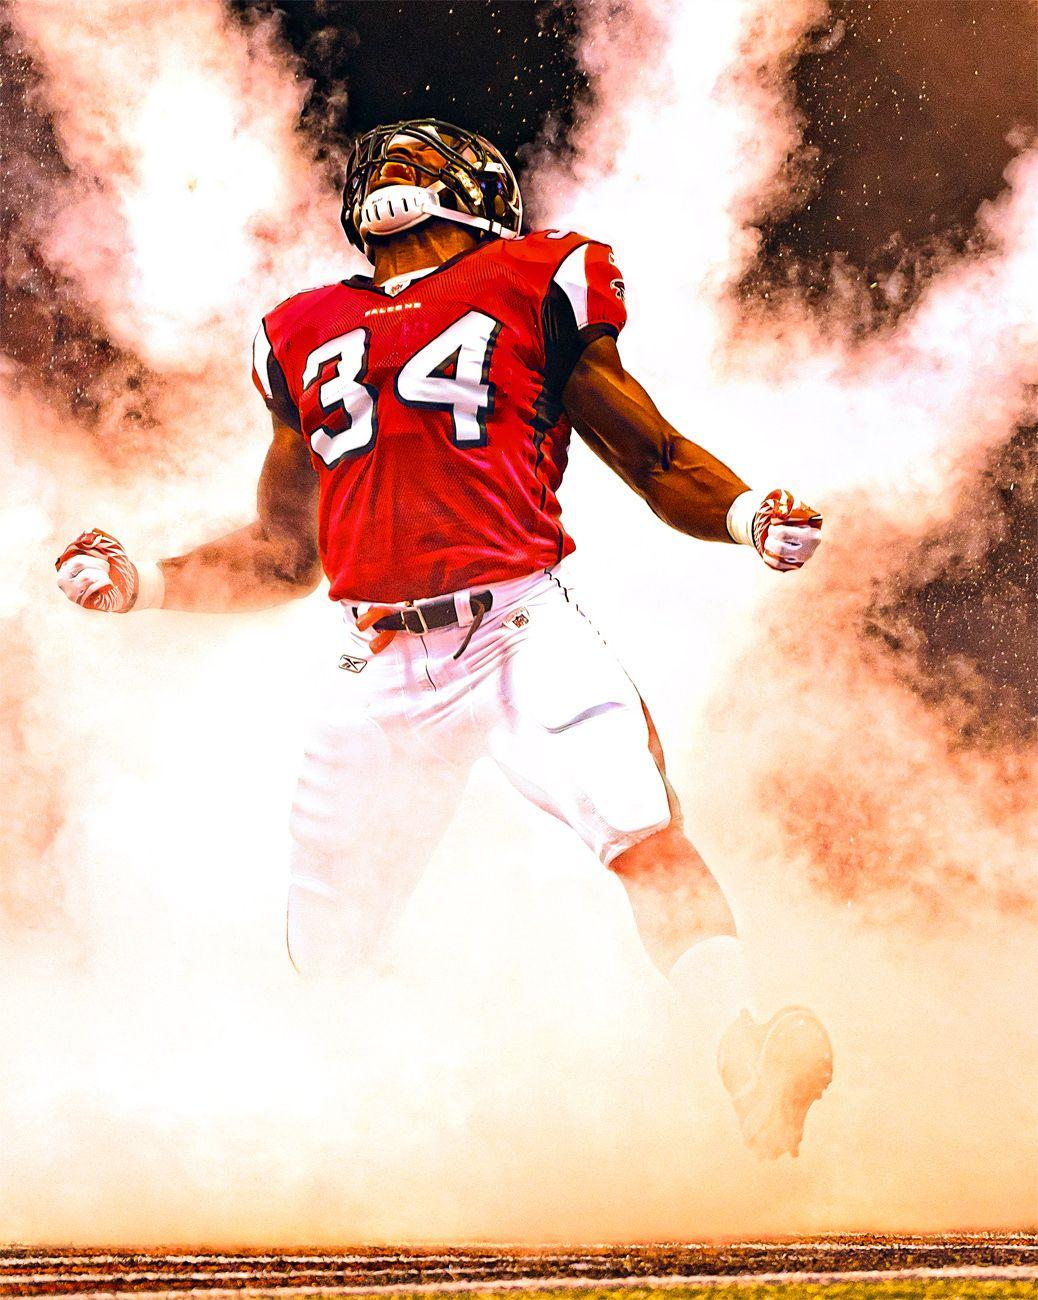 Ovie Entrance Atlanta Falcons Atlanta Falcons Logo Atlanta Falcons Football